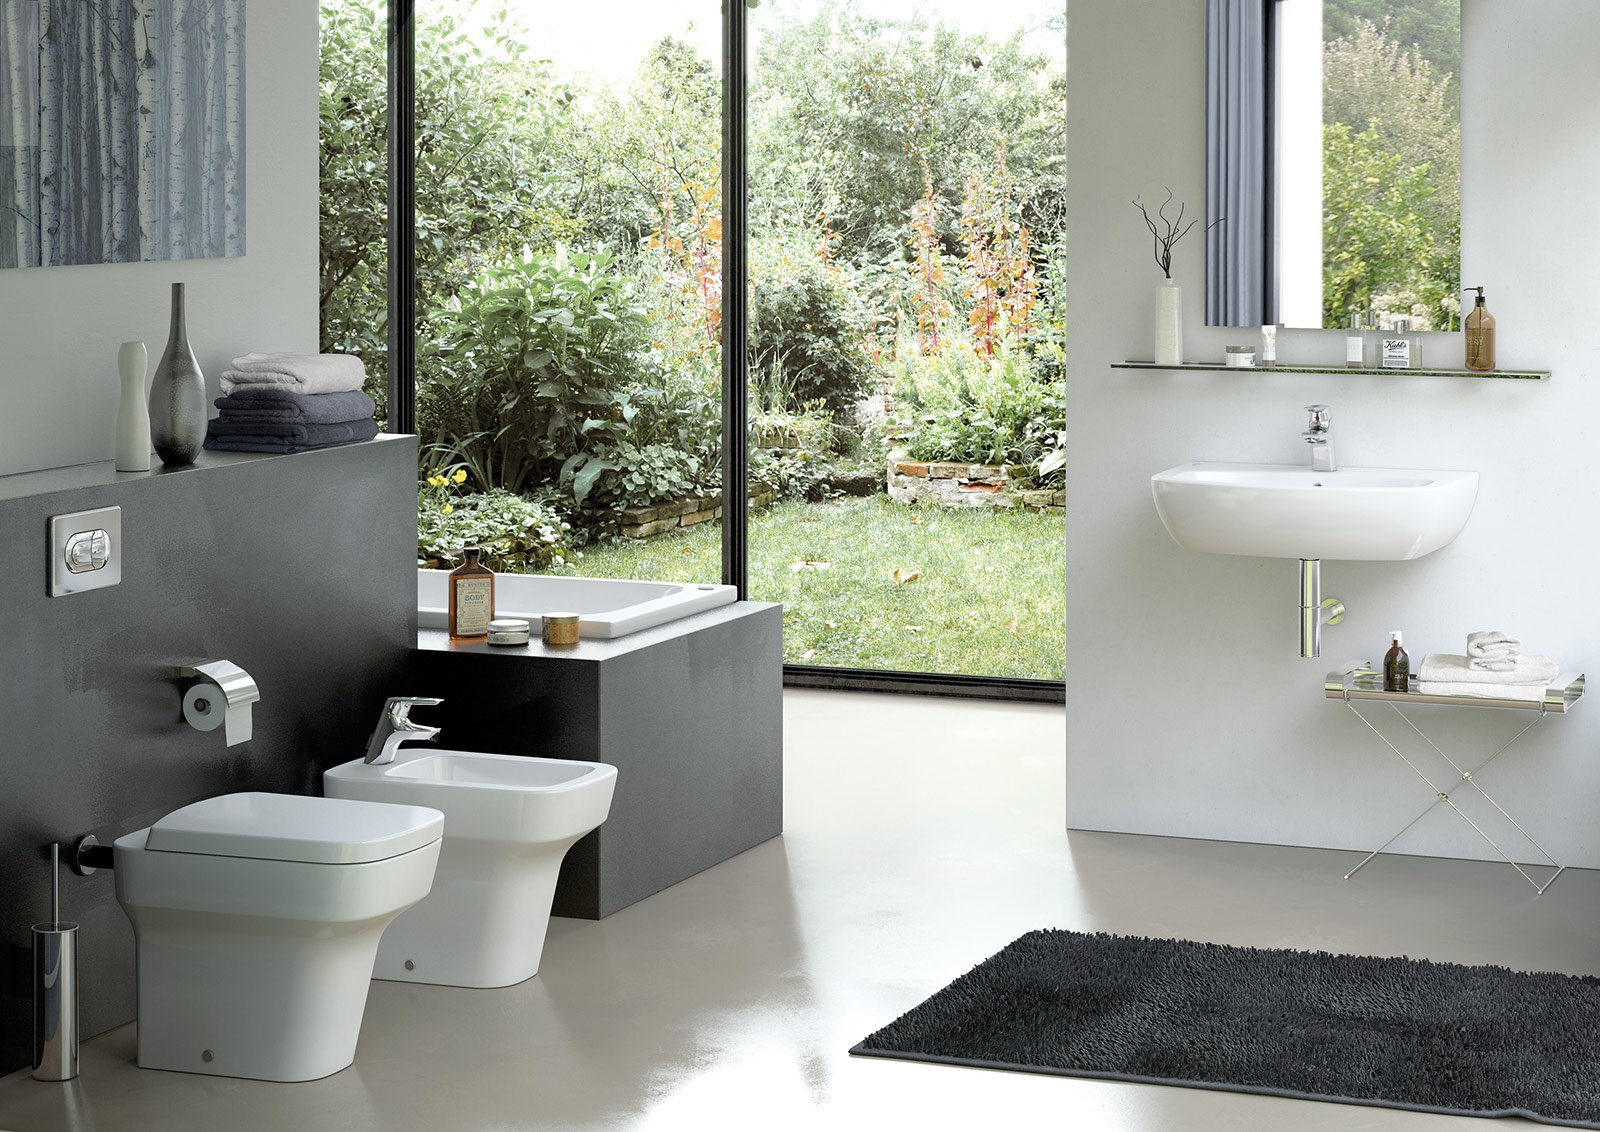 Mondo convenienza divani con penisola - Sanitari per bagno piccolo ...